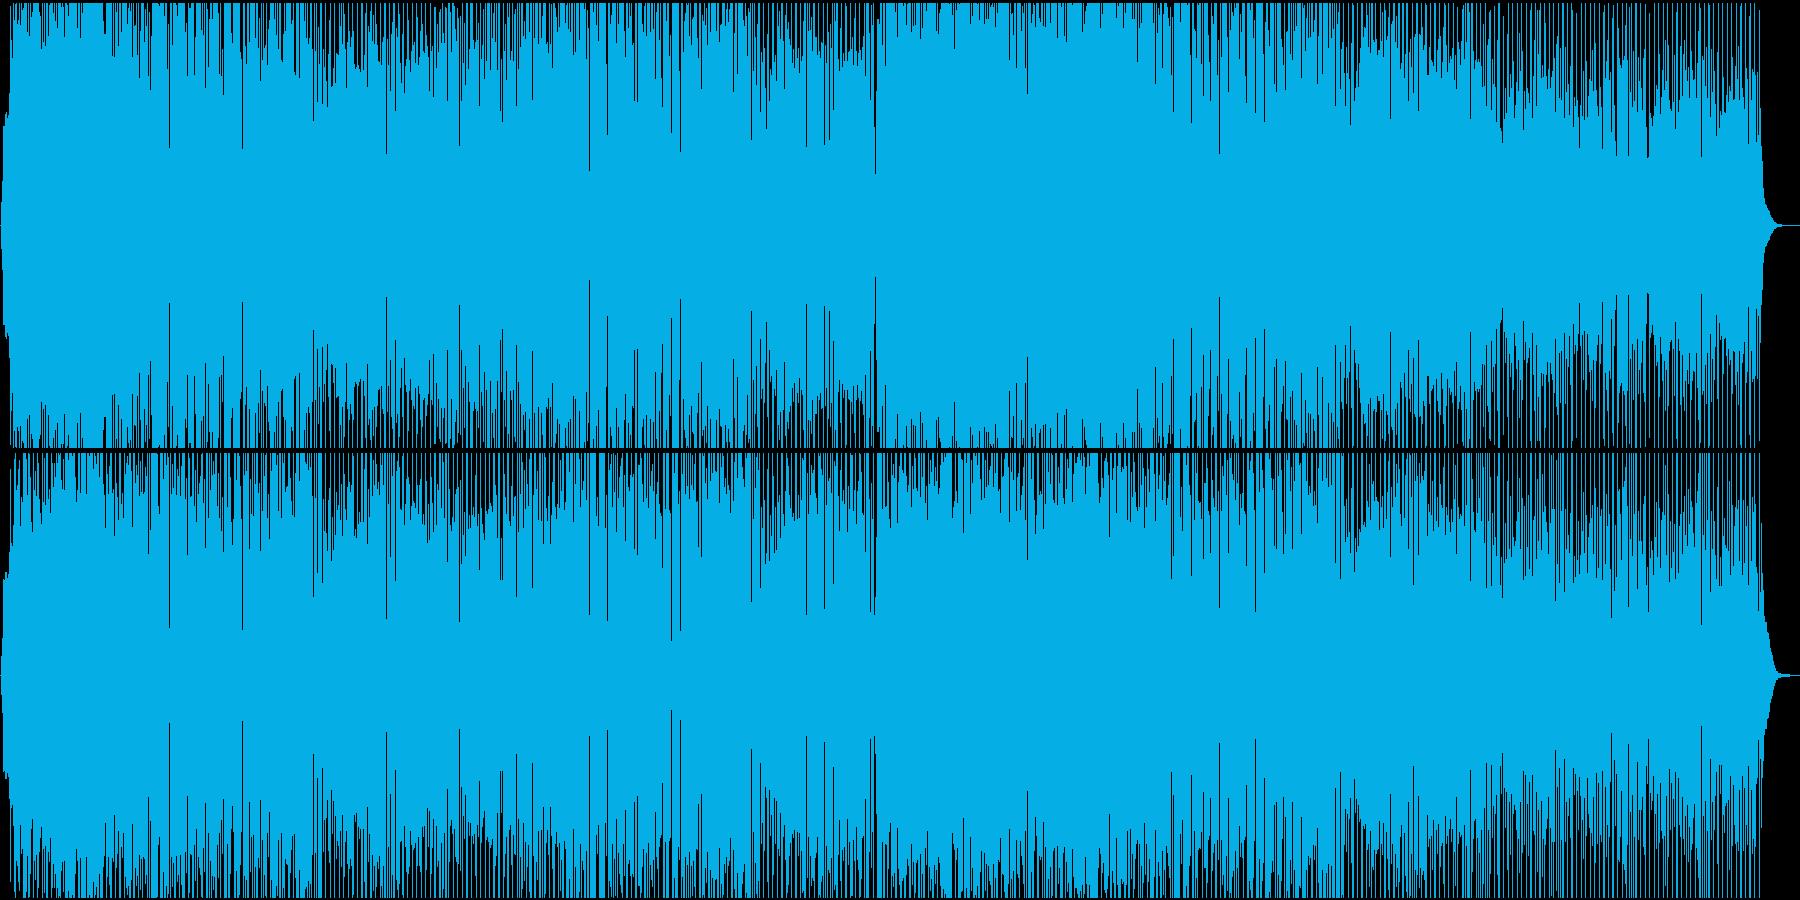 ポップで可愛いおしゃれな日常系BGMの再生済みの波形